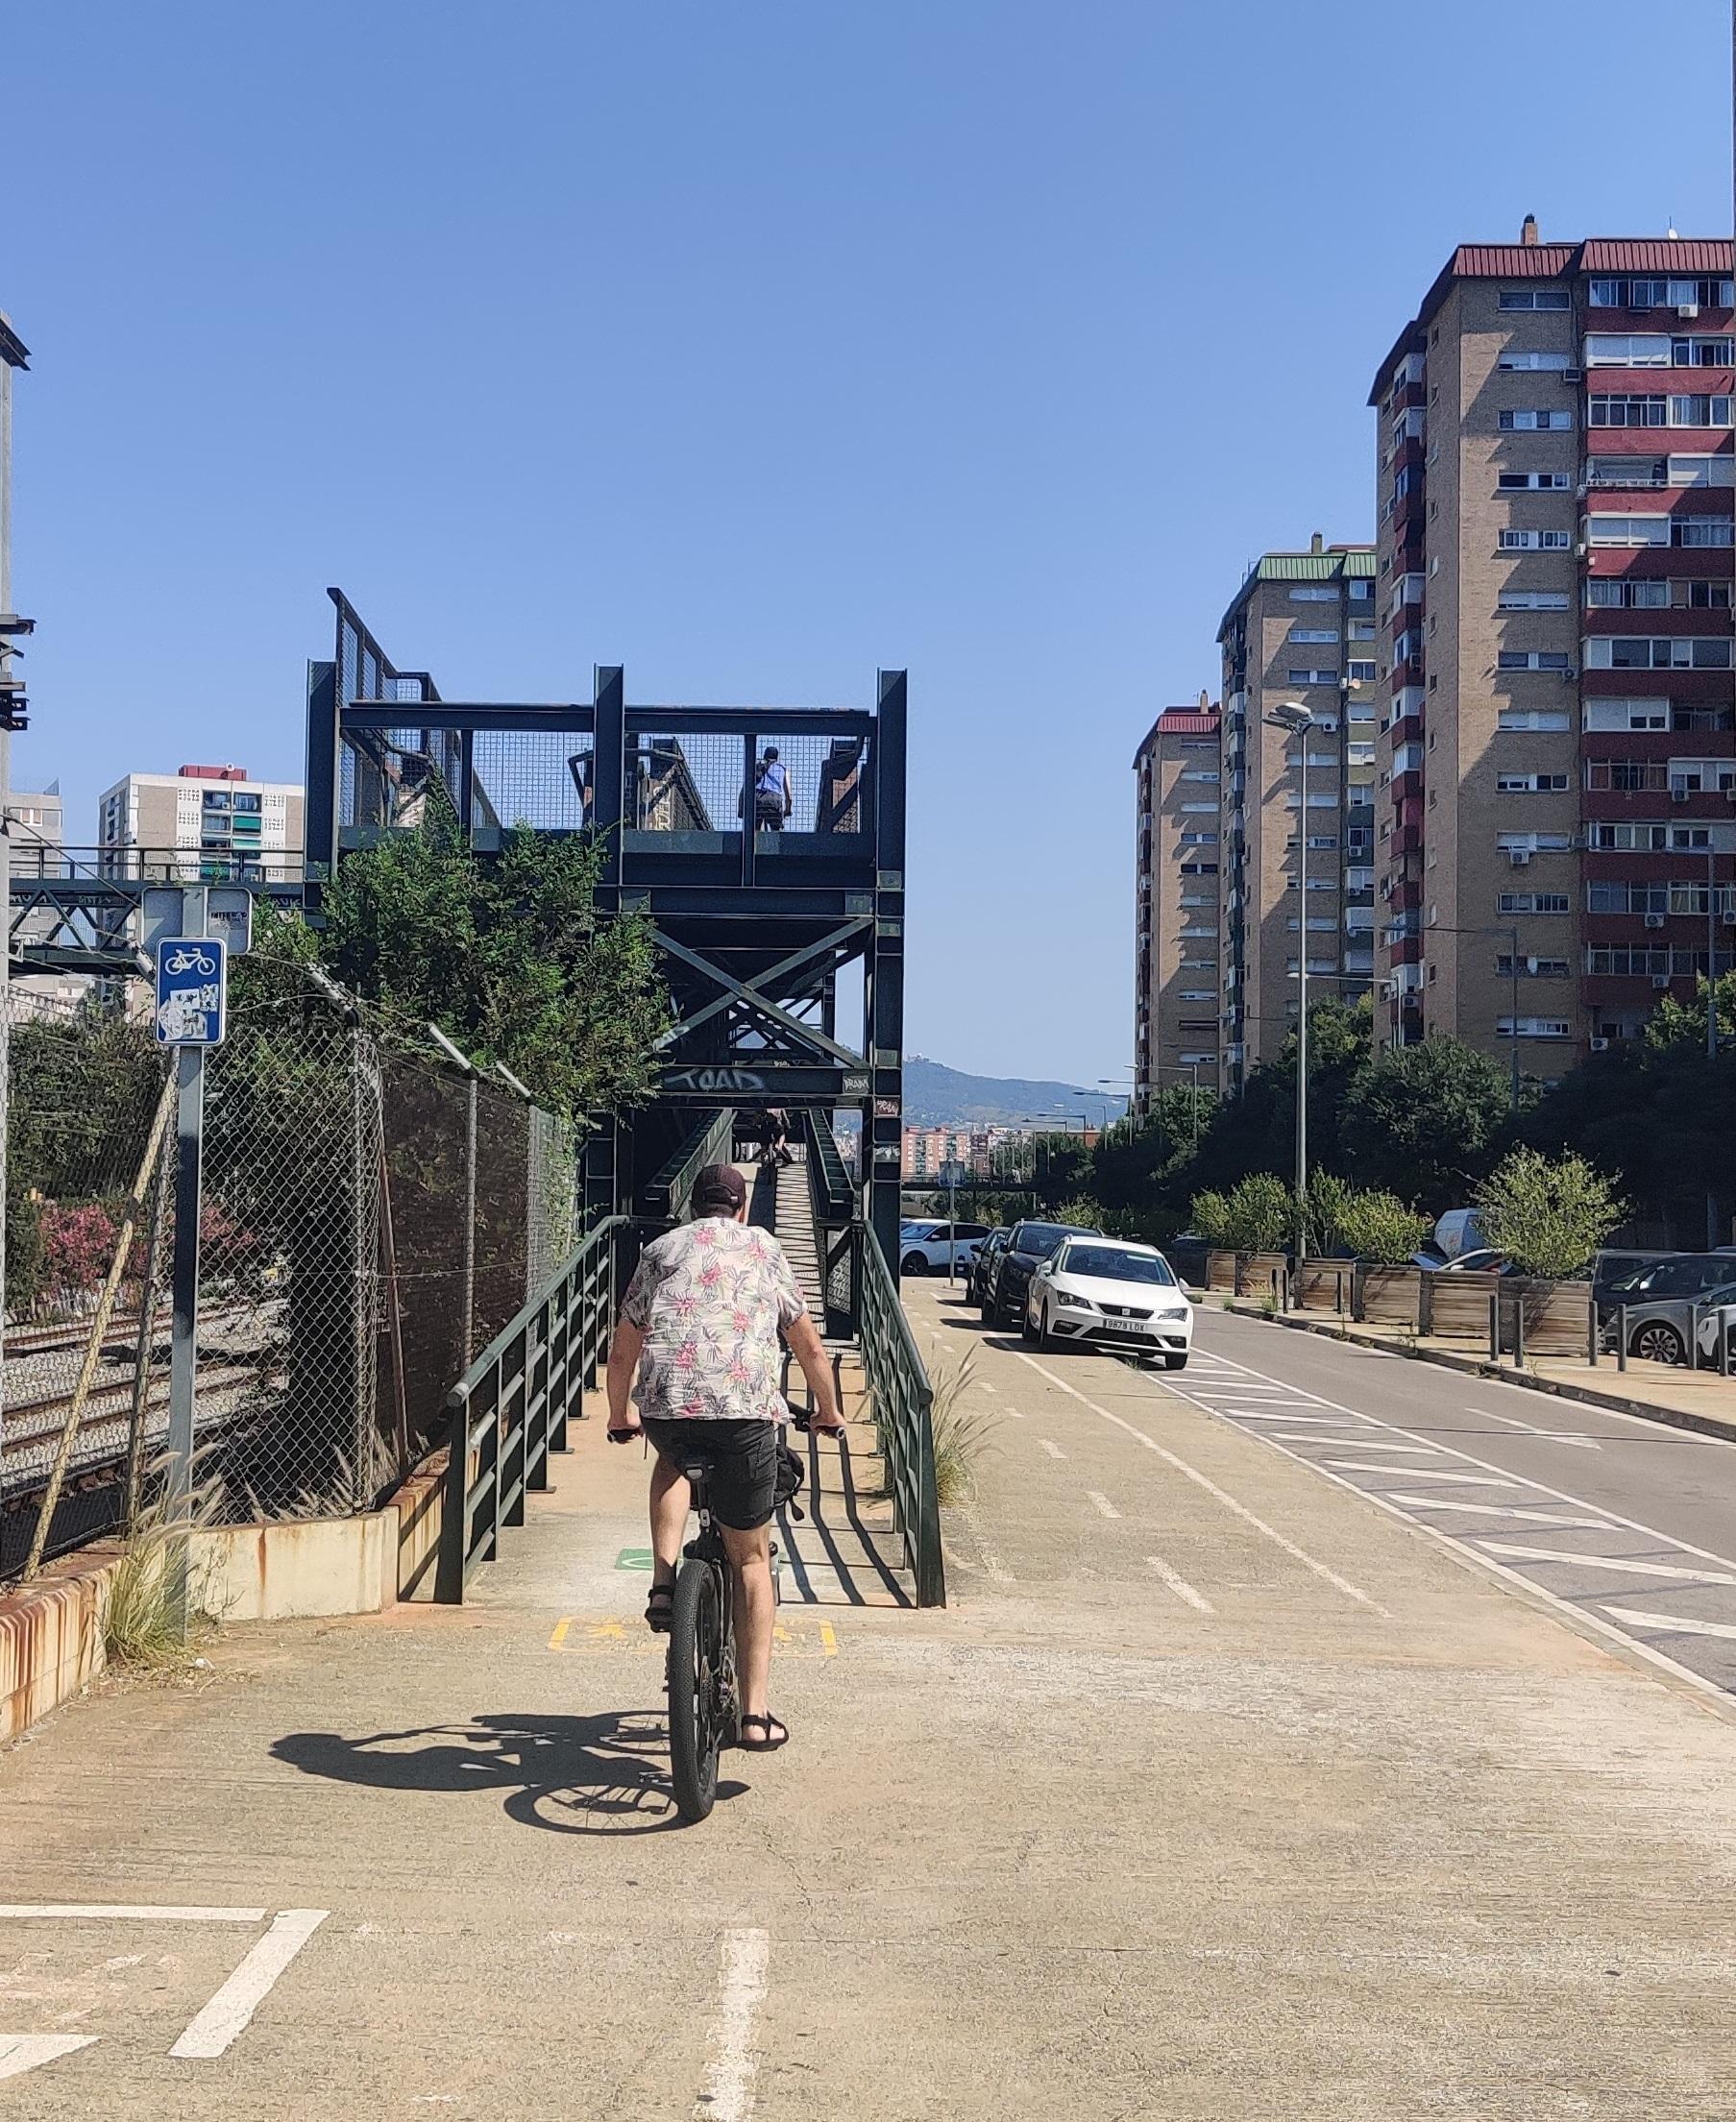 Pont compartit entre ciclistes i vianants, i amb corbes que fan que estiguis fent més BMX que passejant en bicicleta